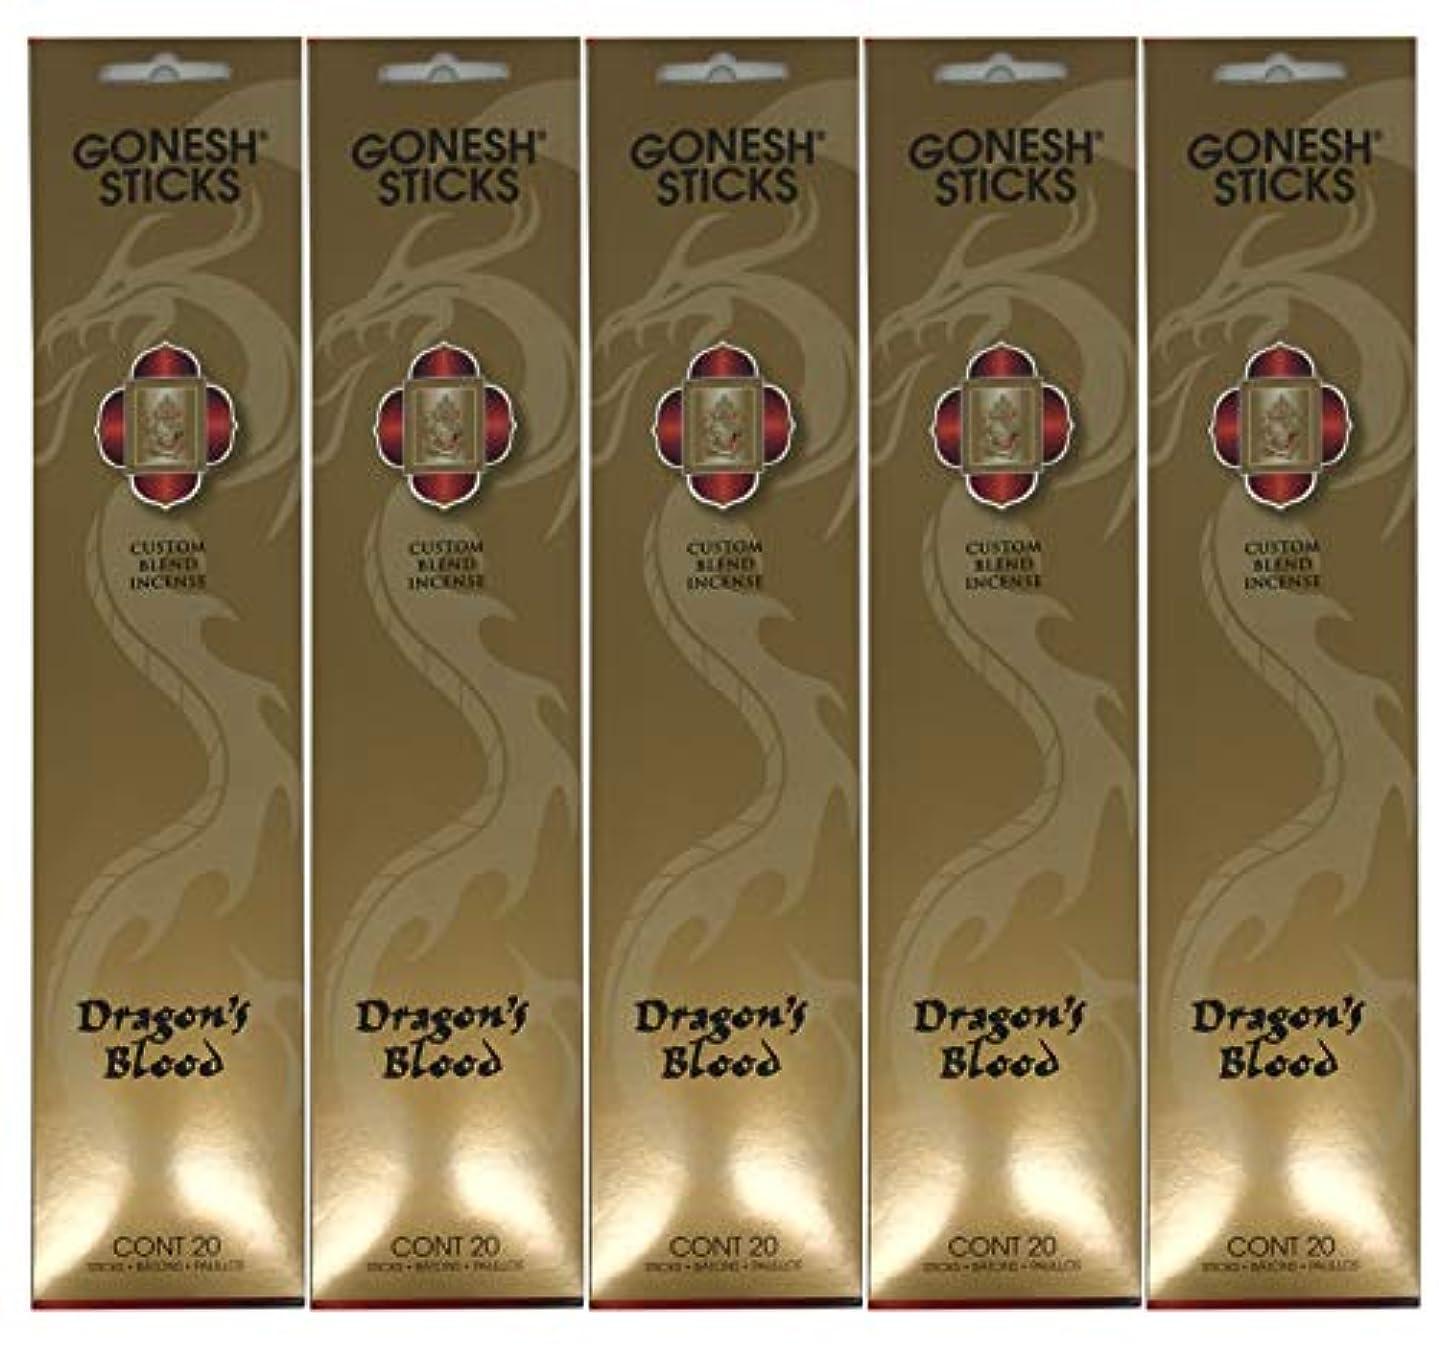 無力まろやかな識字Gonesh カスタムブレンドインセンススティック - Dragon's Blood - 5パック (合計100本)